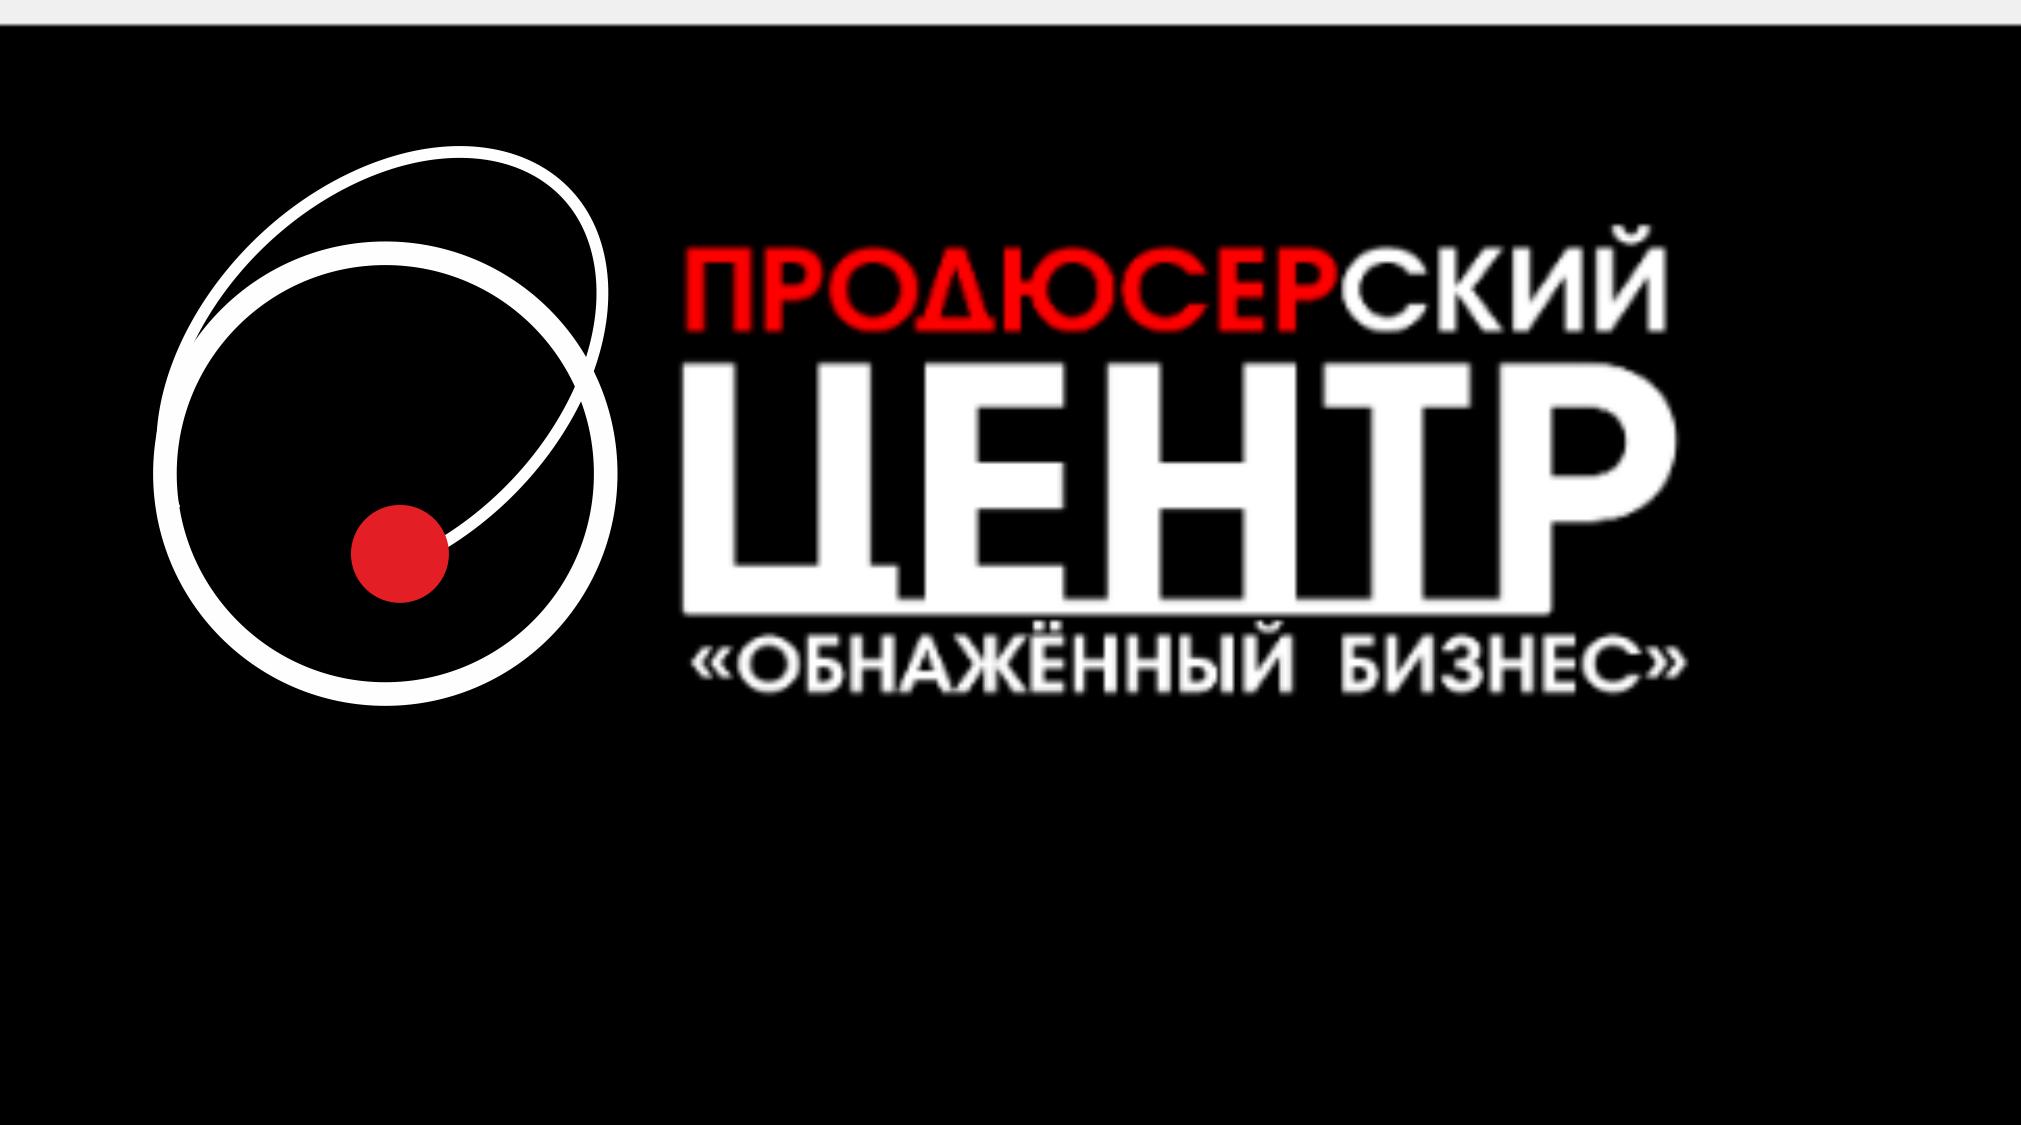 """Логотип для продюсерского центра """"Обнажённый бизнес"""" фото f_5365b9c1d20ecc1b.png"""